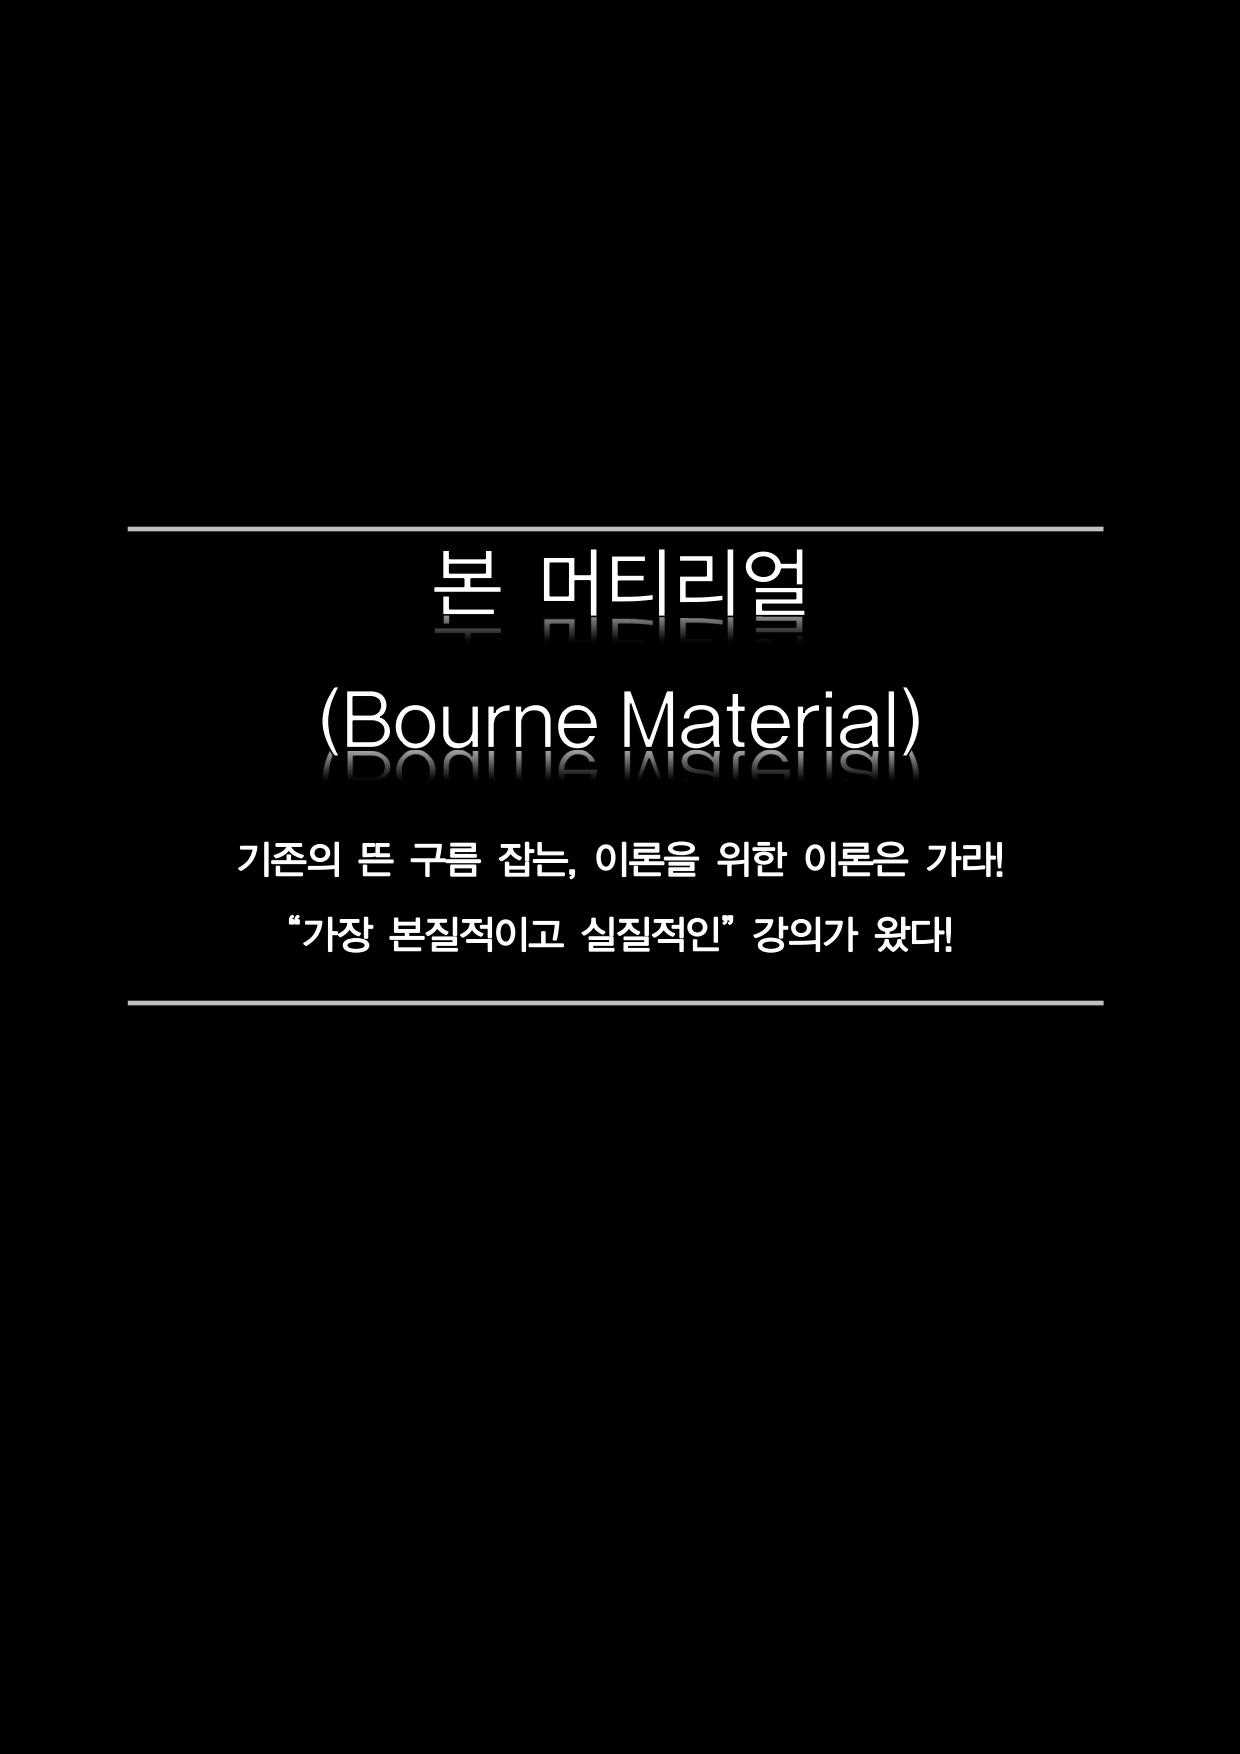 본 머티리어 1회차 홍보글(폰트 포함)_02.png